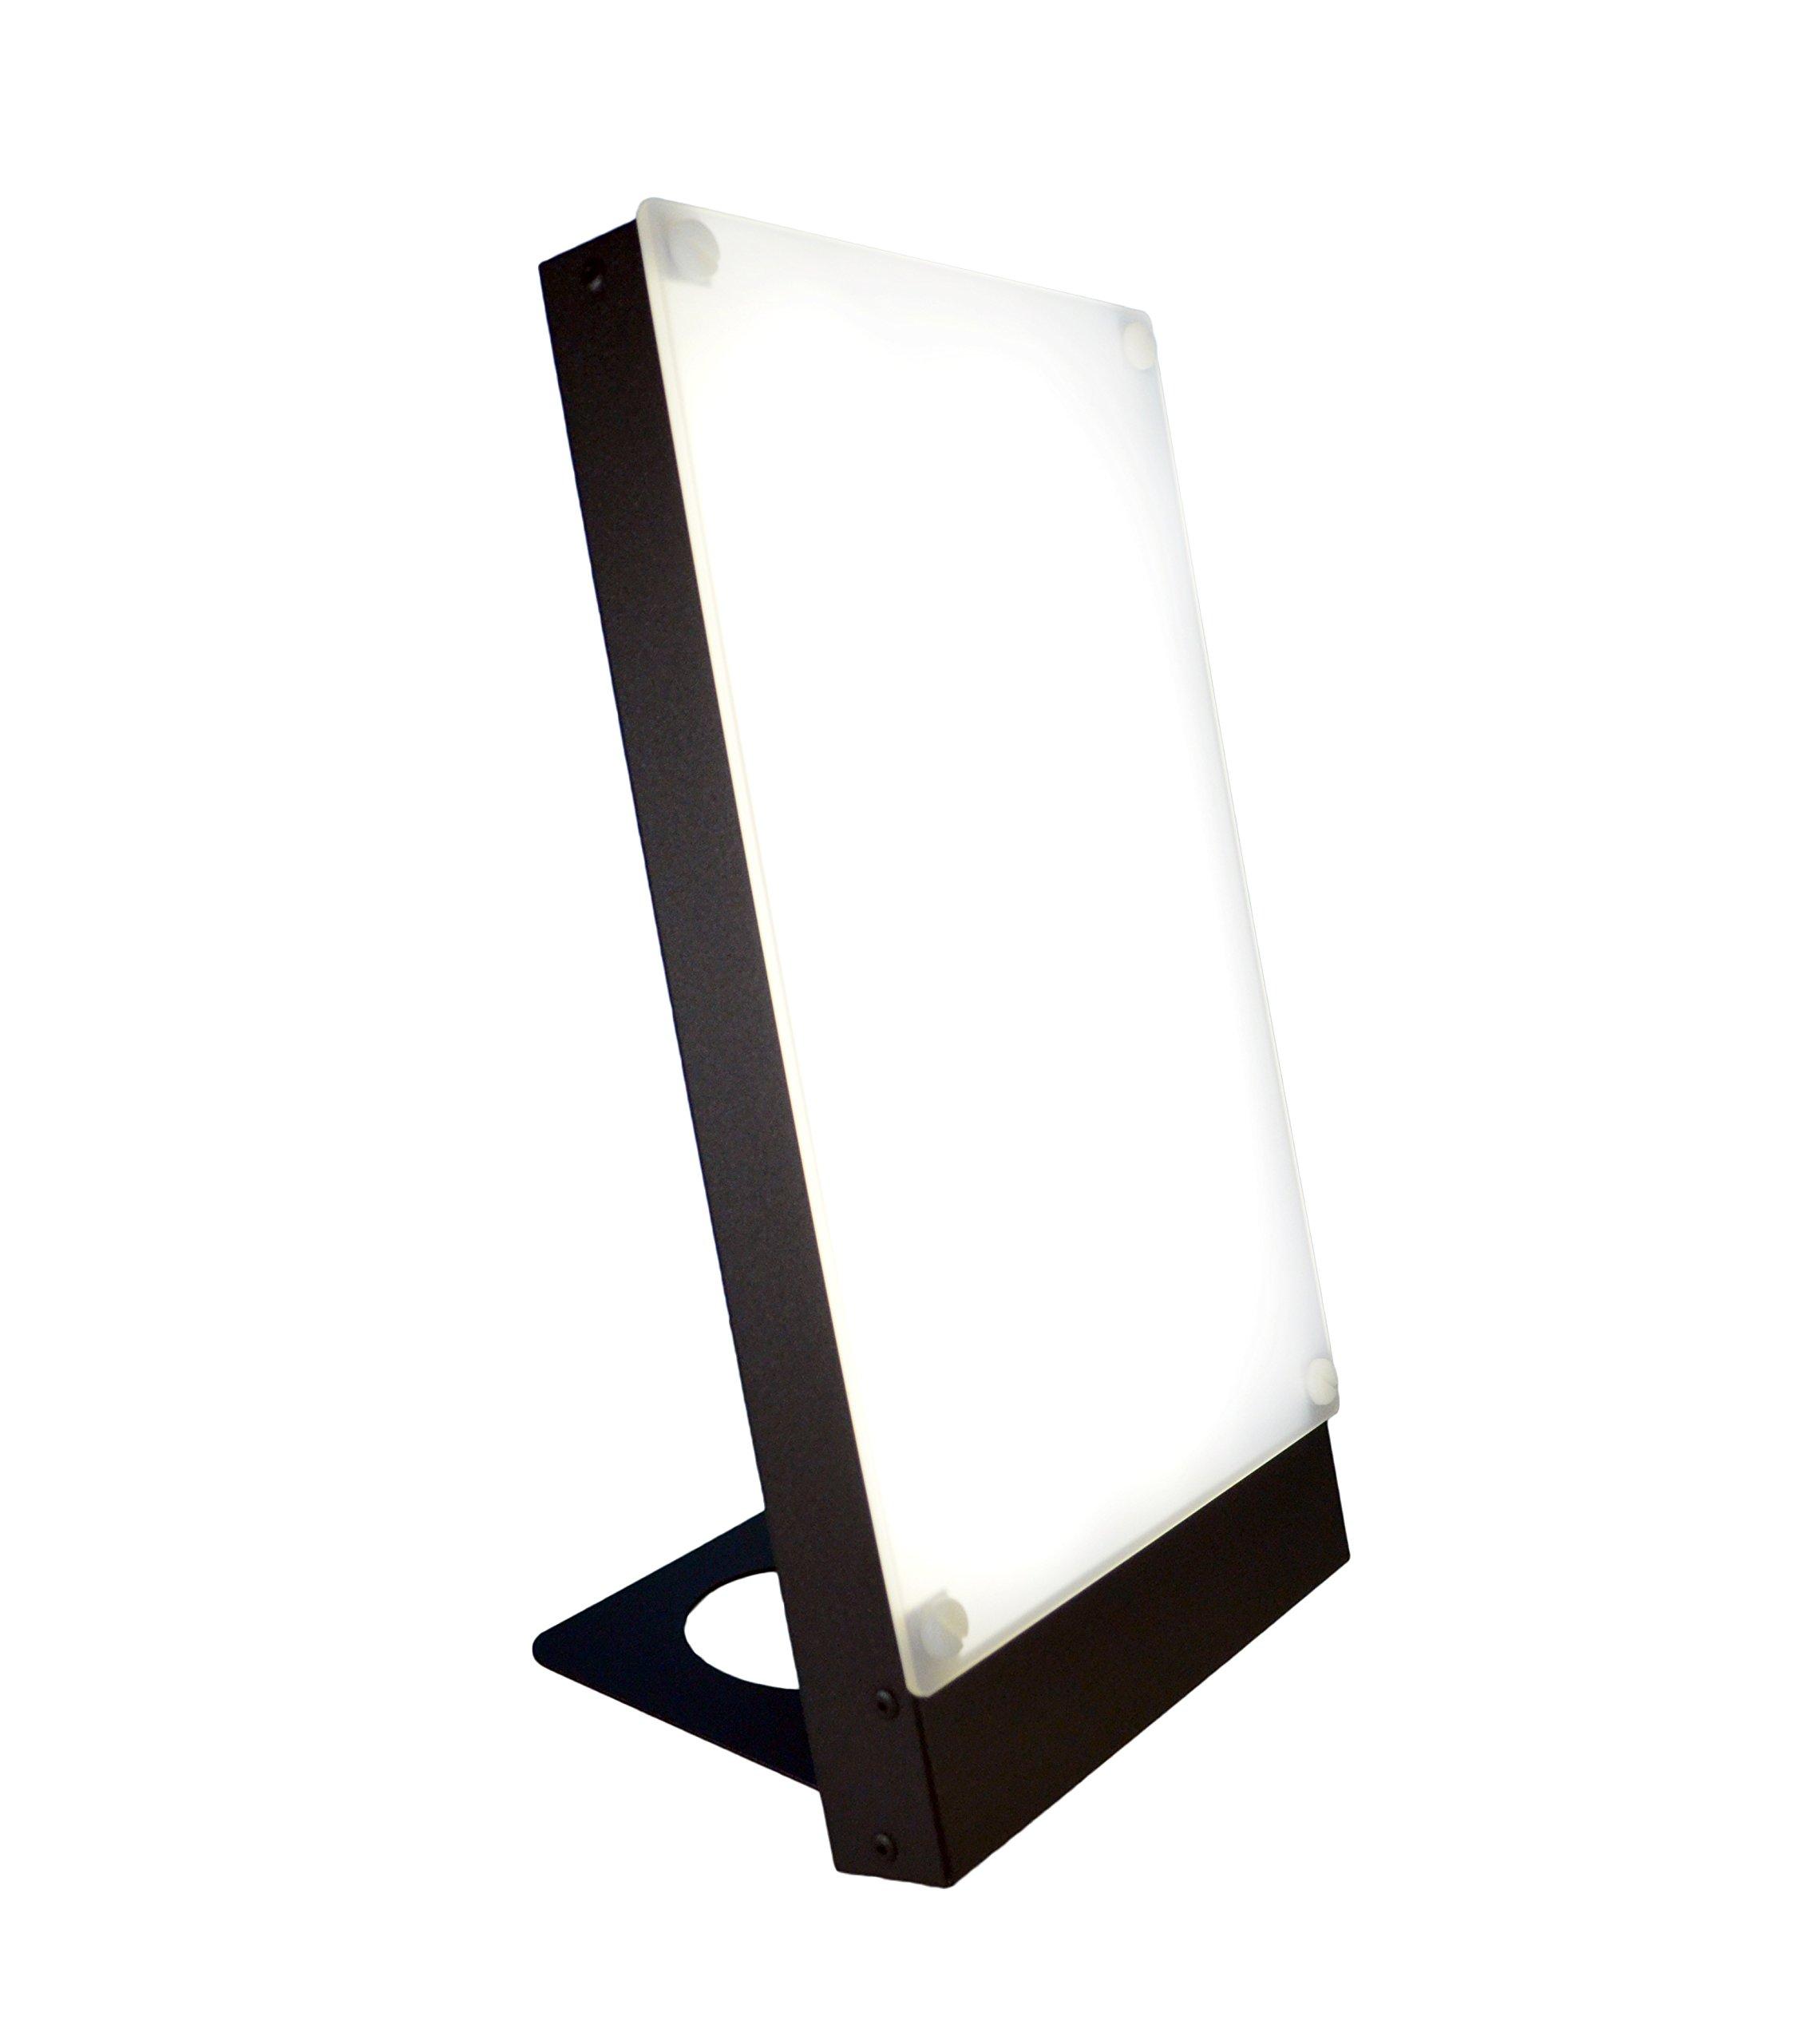 Travelite 10,000 Lux Bright Therapy Portable Desk Lamp, Black